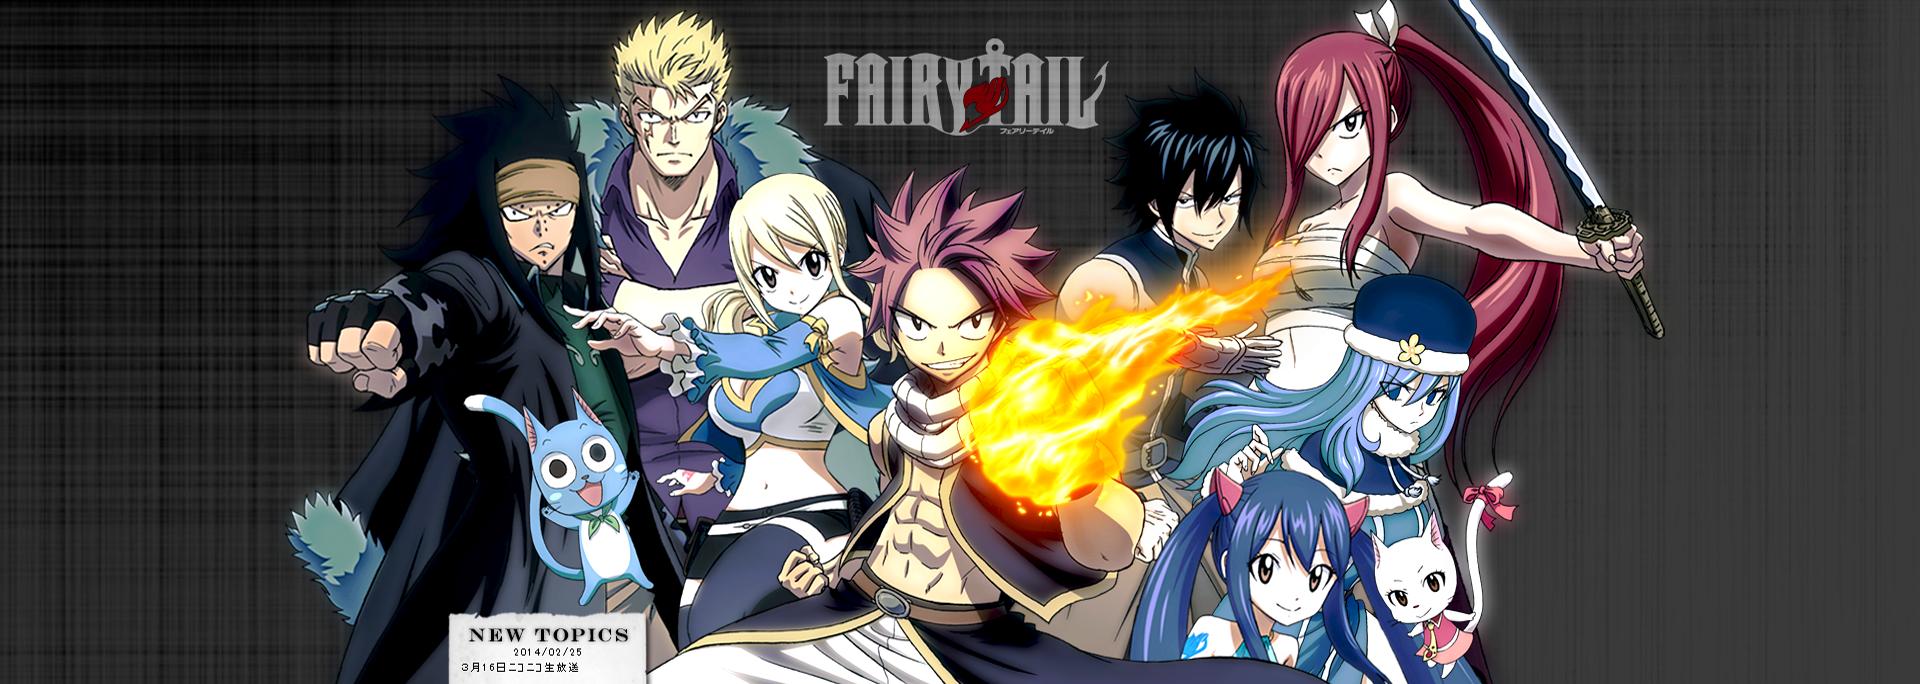 Fairy Tail : visuel clé 2